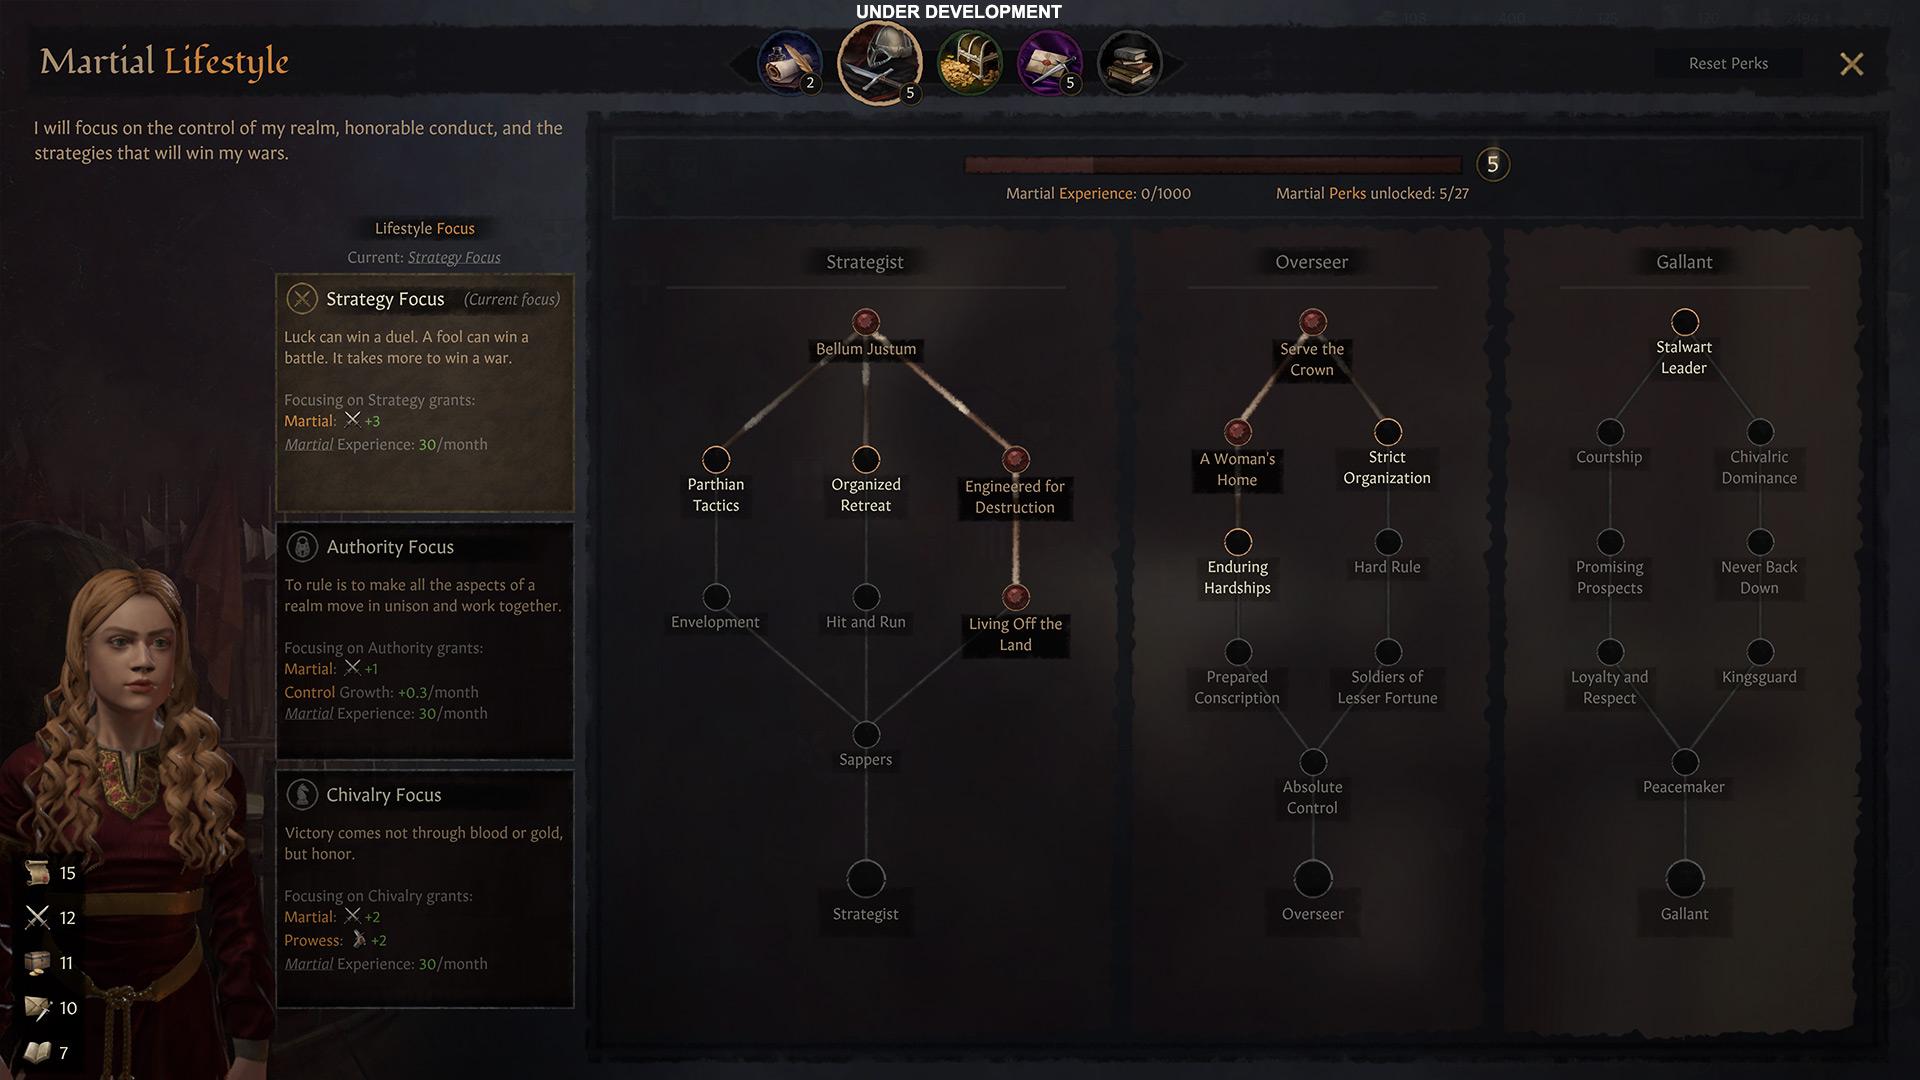 Первые скриншоты Crusader Kings 3 с минималистичным интерфейсом